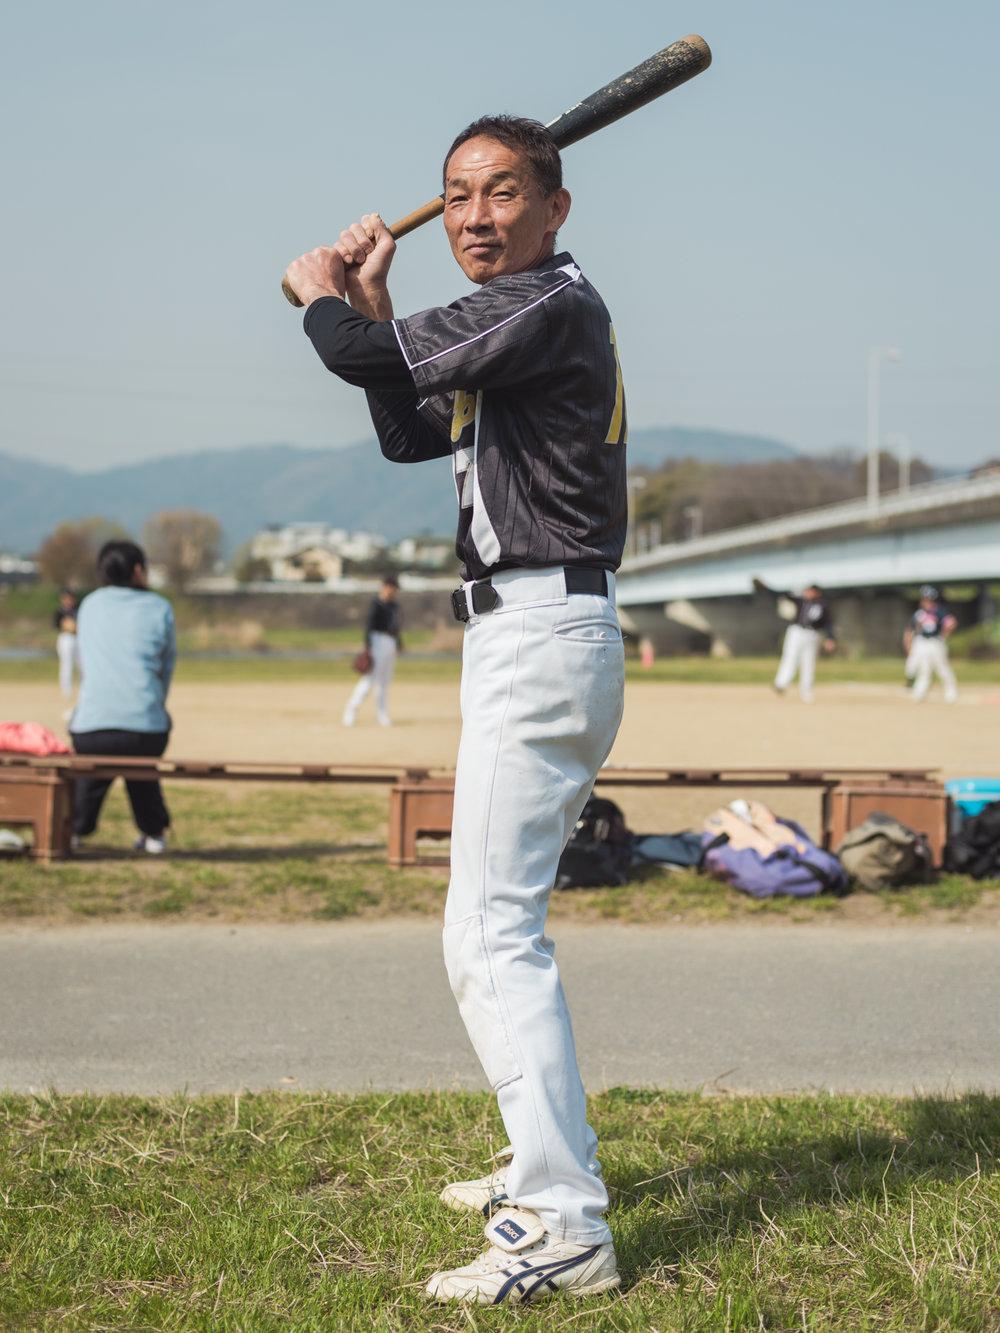 LET'S BASEBALL-8851.jpg